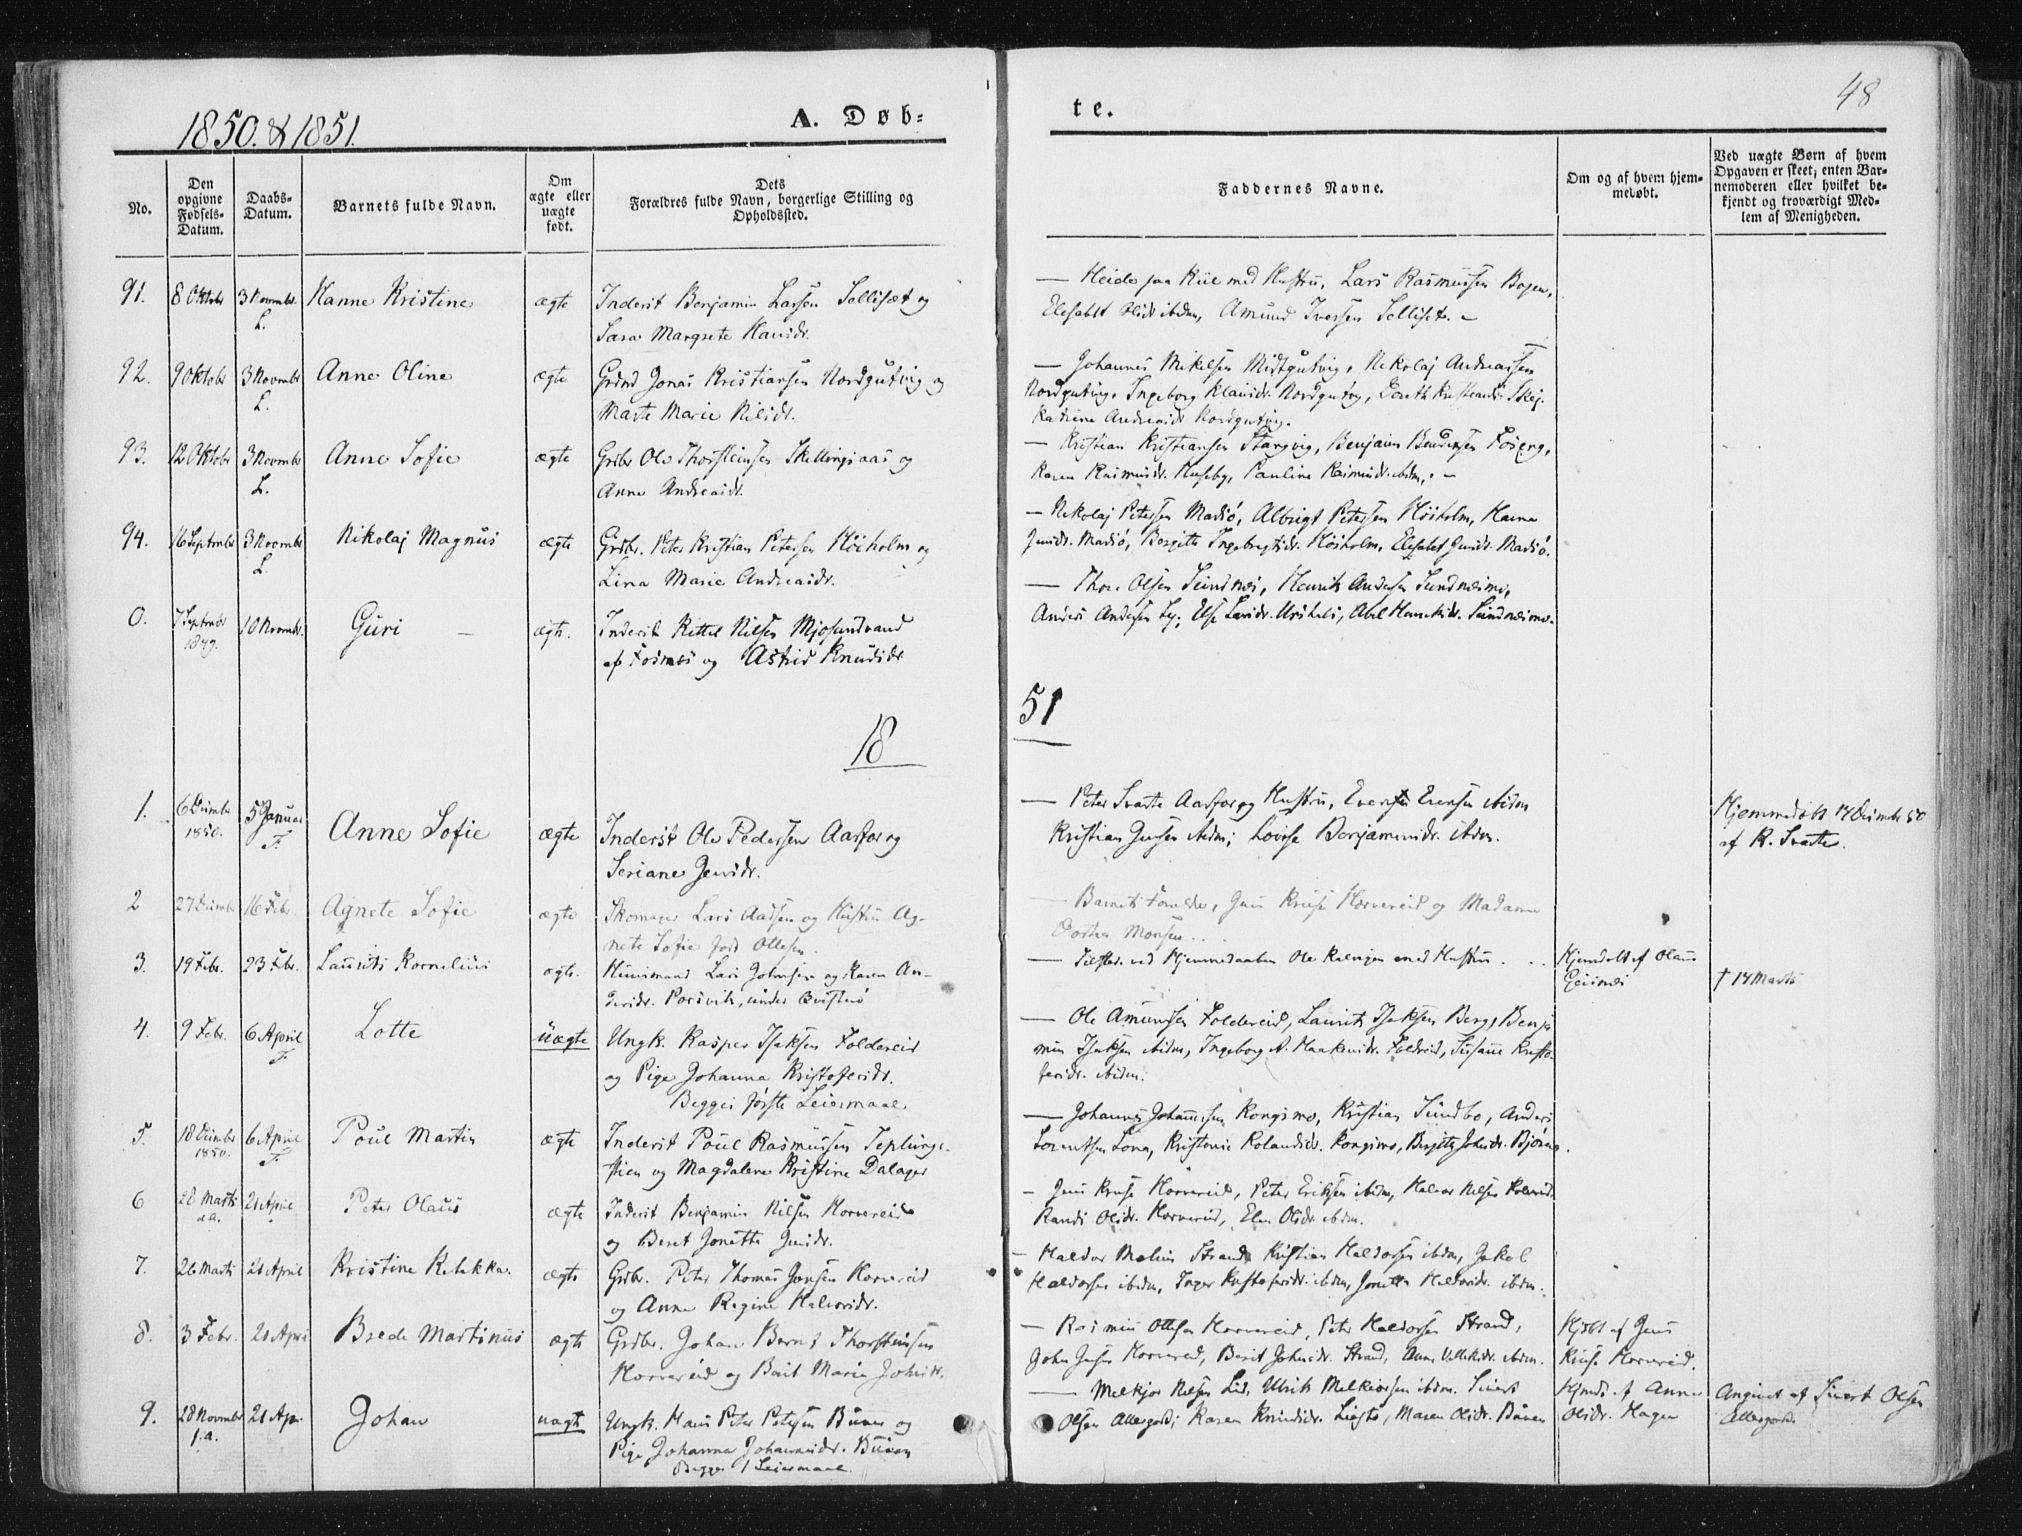 SAT, Ministerialprotokoller, klokkerbøker og fødselsregistre - Nord-Trøndelag, 780/L0640: Ministerialbok nr. 780A05, 1845-1856, s. 48